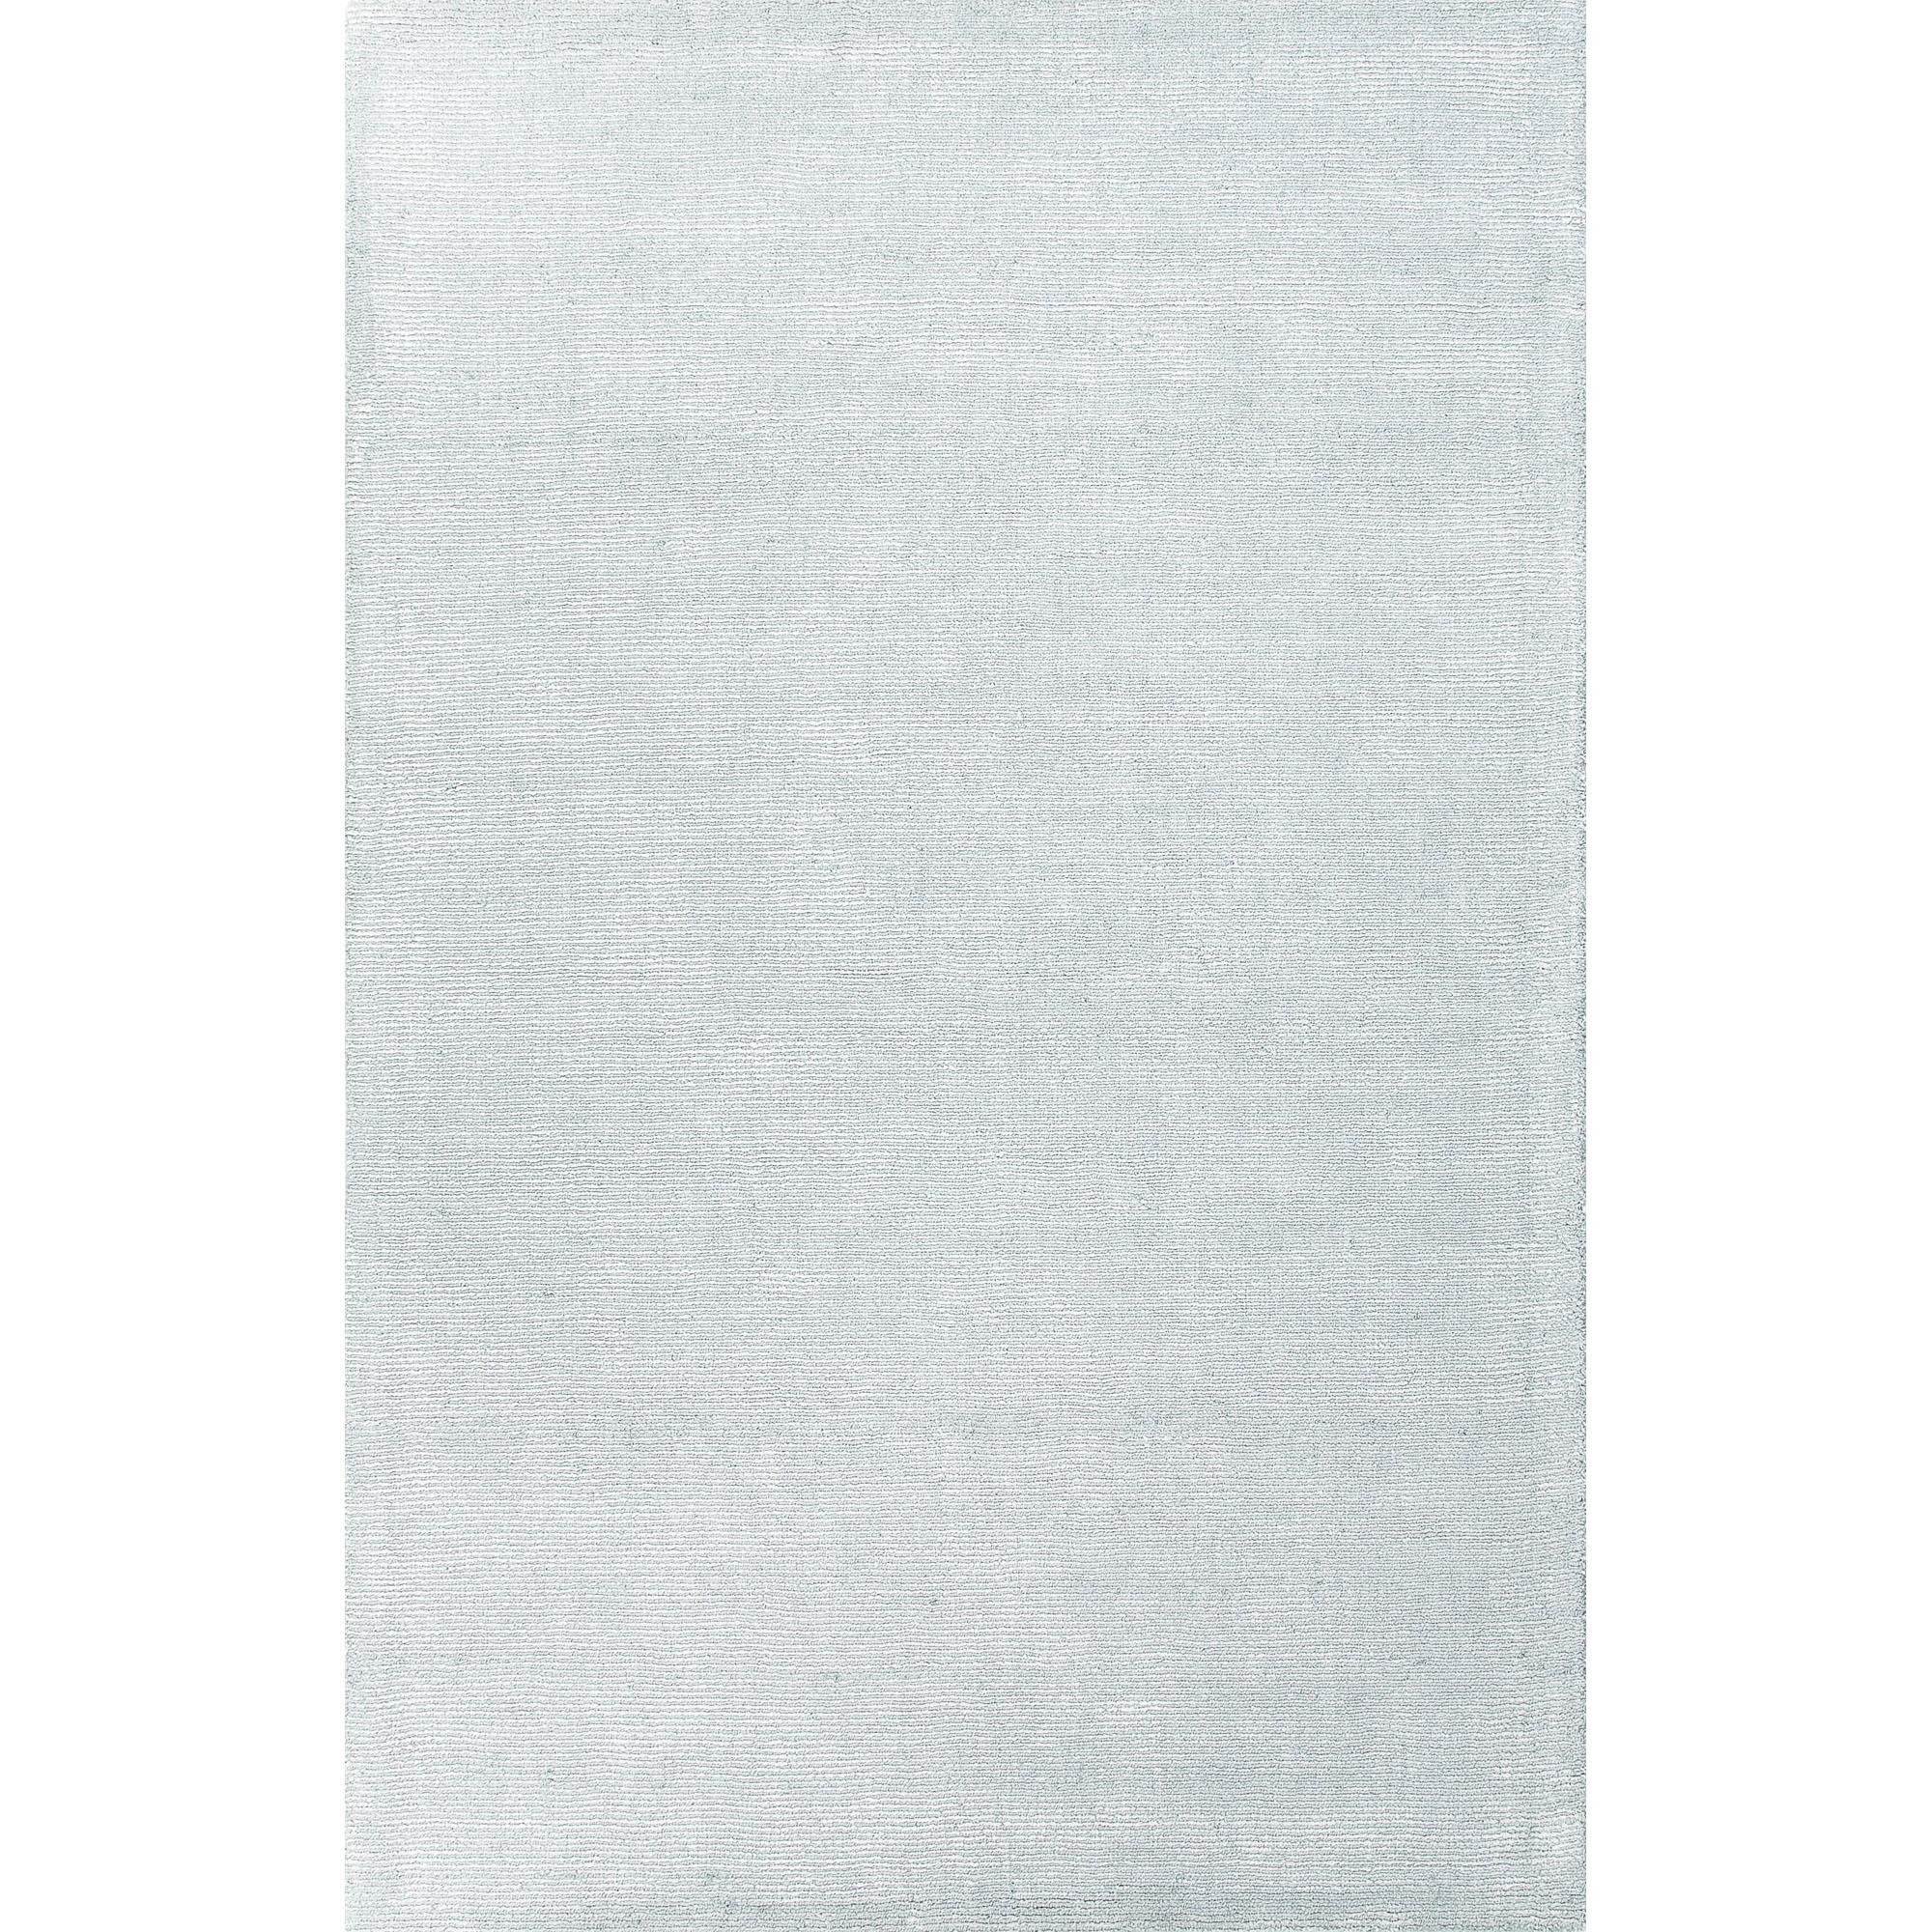 JAIPUR Rugs Konstrukt 2 x 3 Rug - Item Number: RUG112404